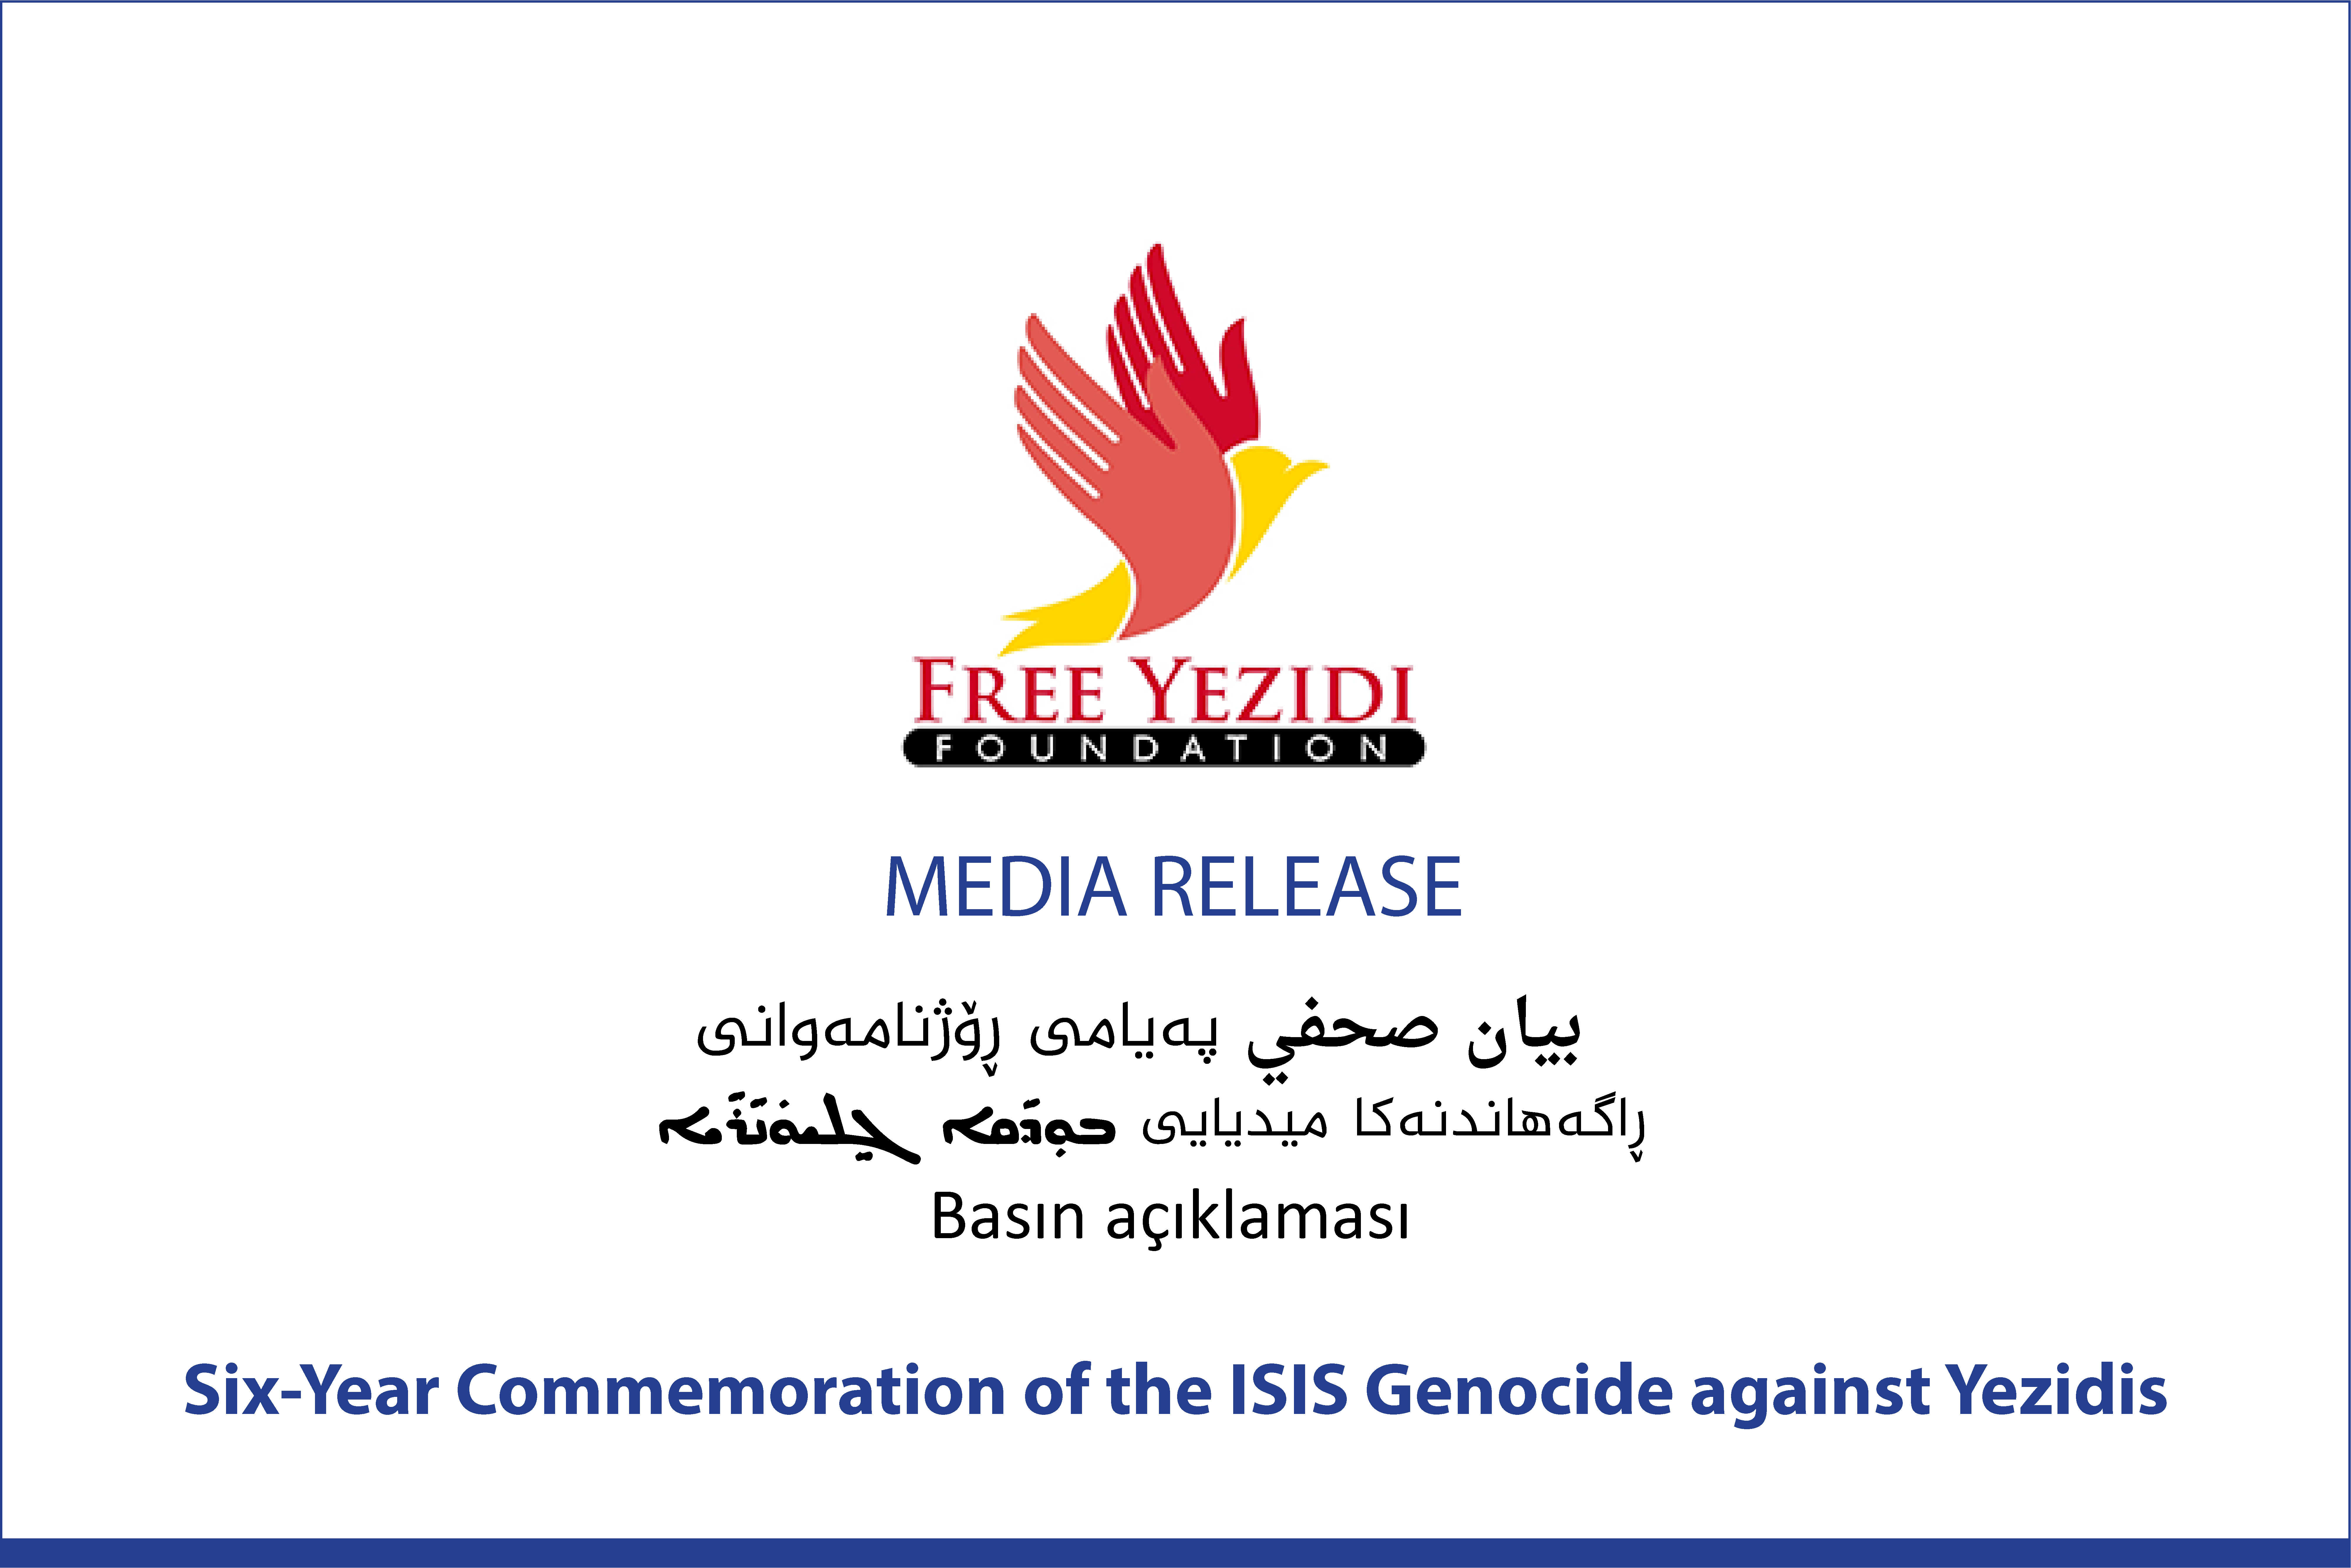 Free Yezidi Foundation Statement